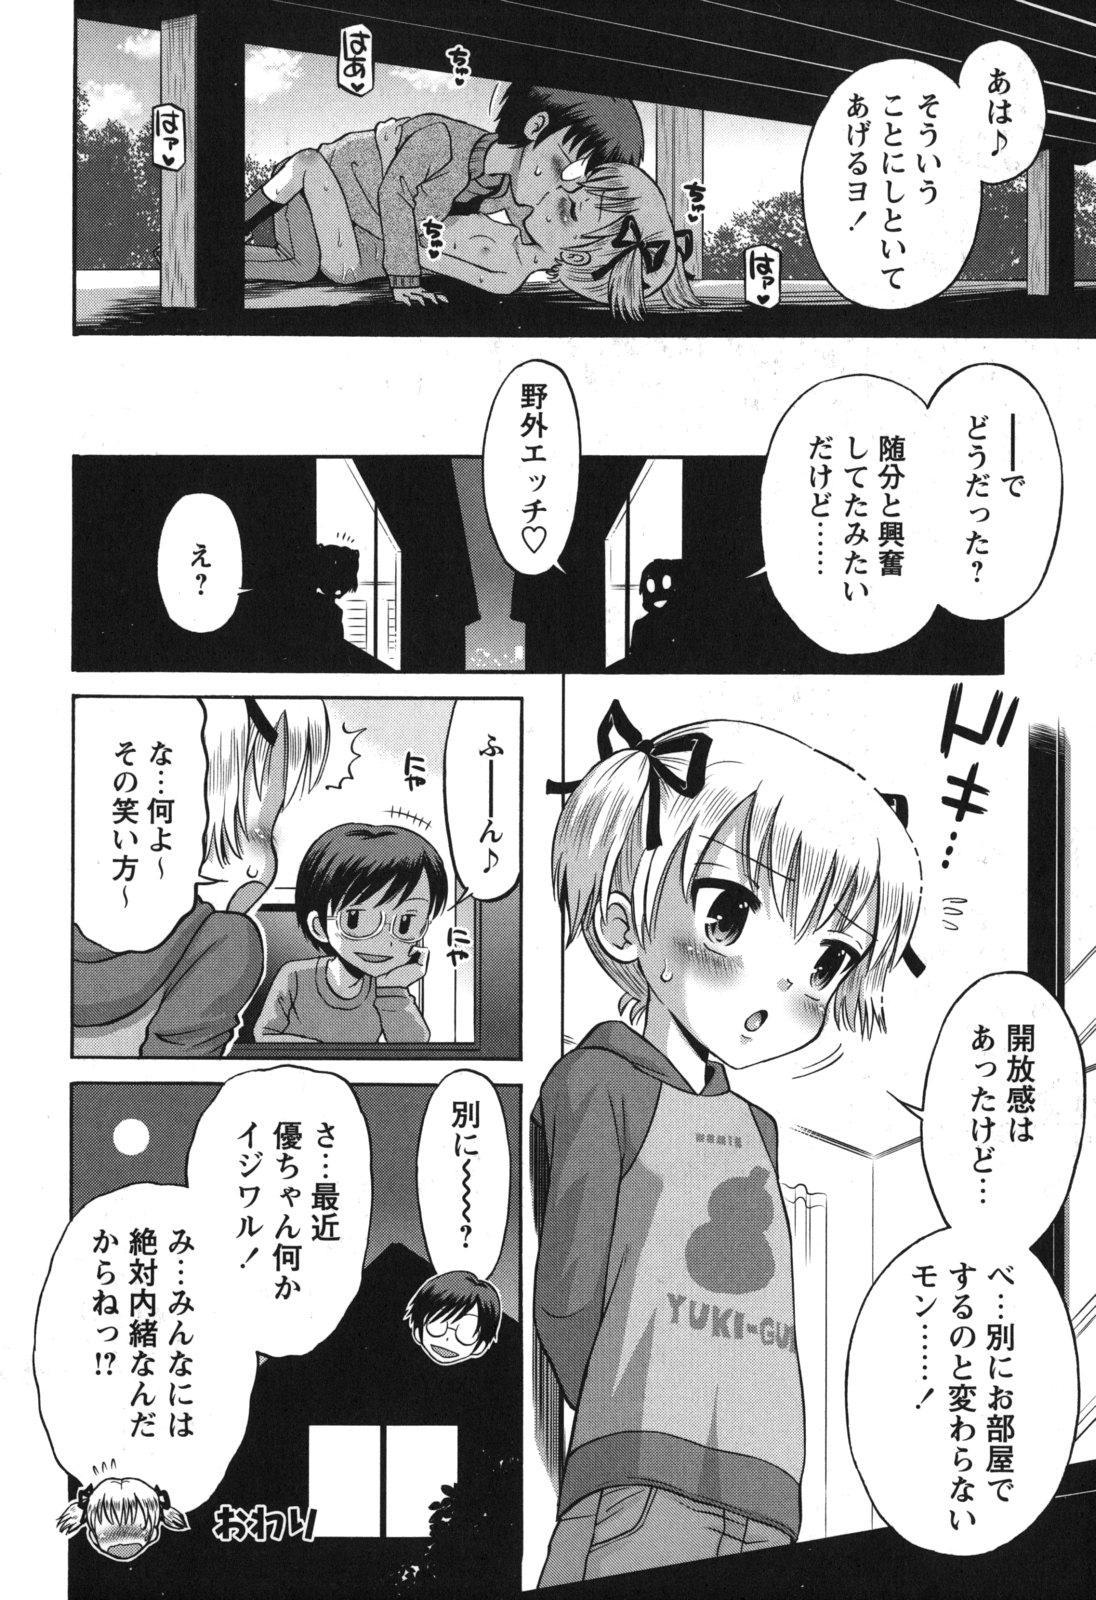 SOS! Sukebe na Osananajimi ga Shinobikondekimashita. 162